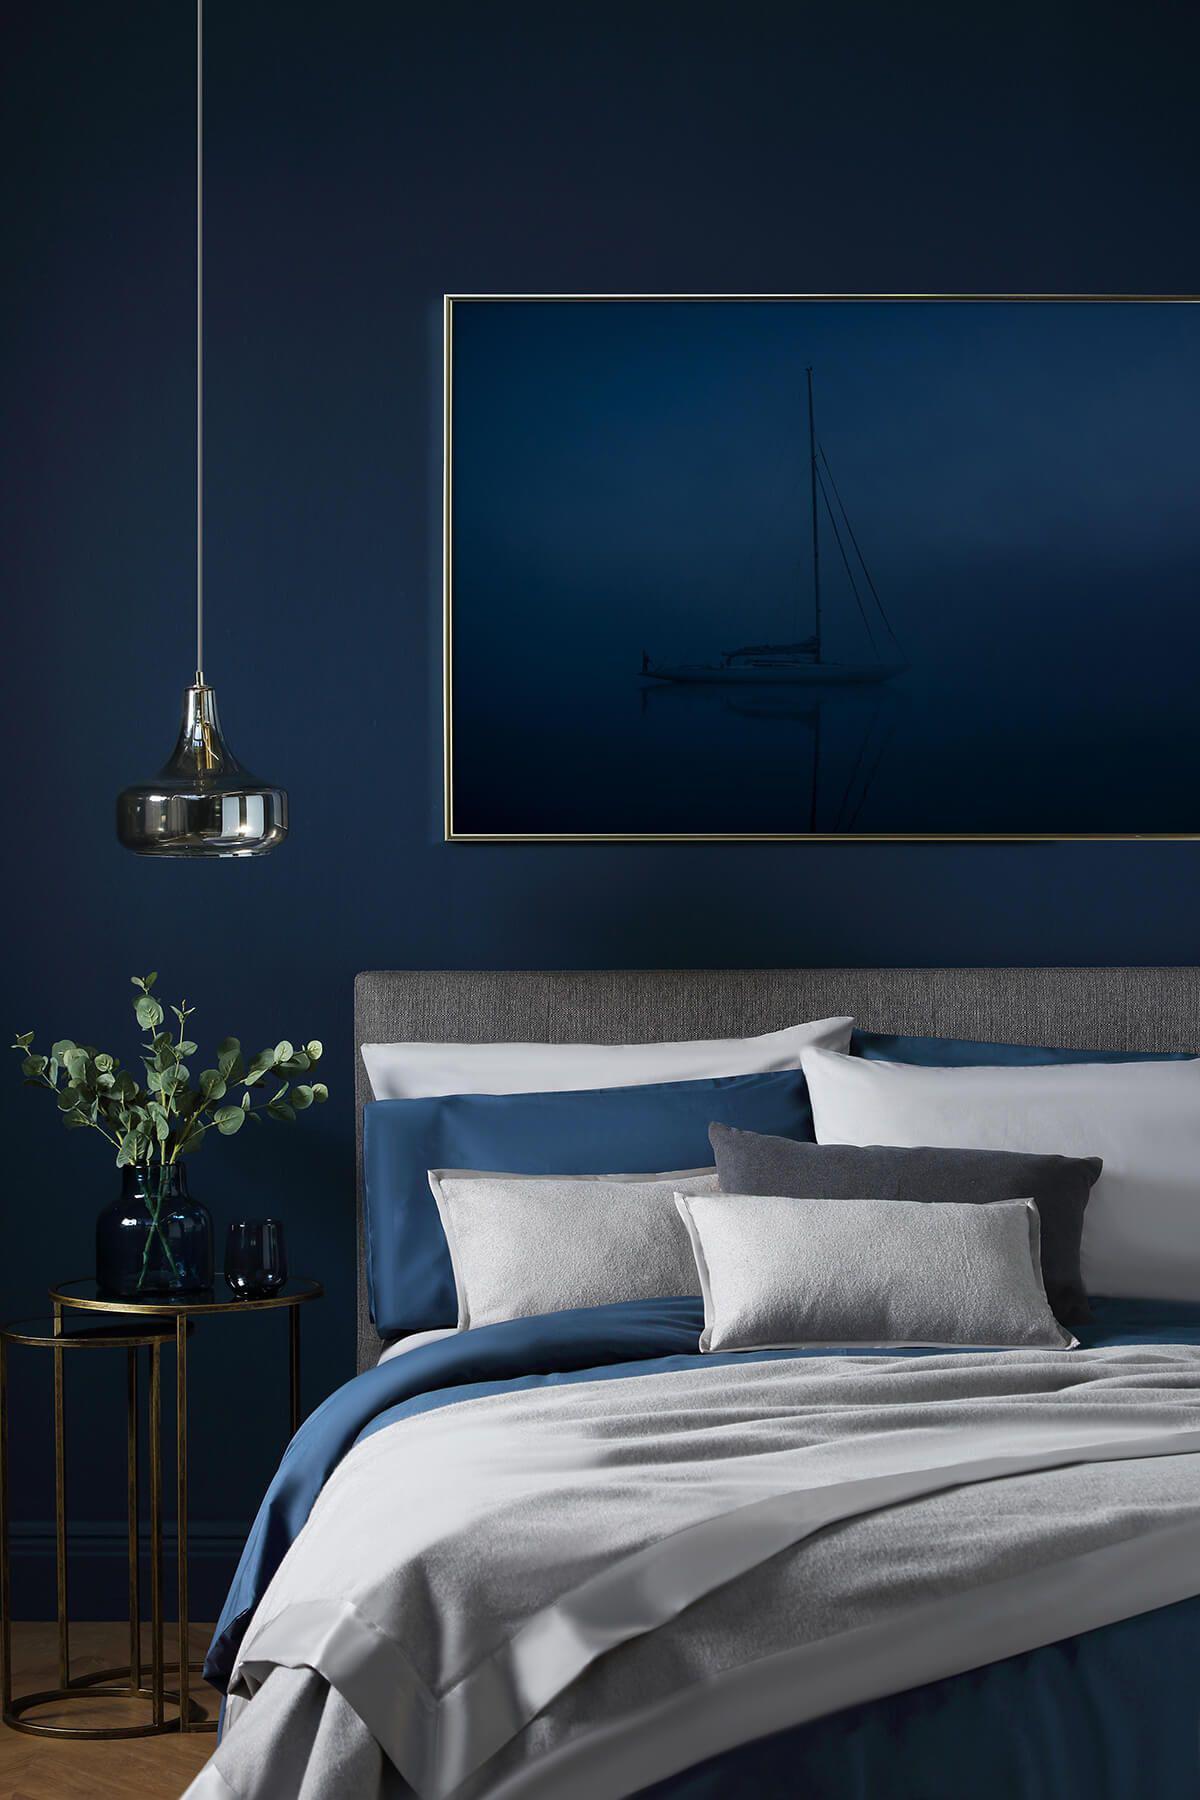 Gợi ý những tông màu đẹp bất chấp năm tháng để trang trí phòng ngủ khiến nơi đây thực sự là chốn an yên để bạn nghỉ ngơi và thư giãn - Ảnh 5